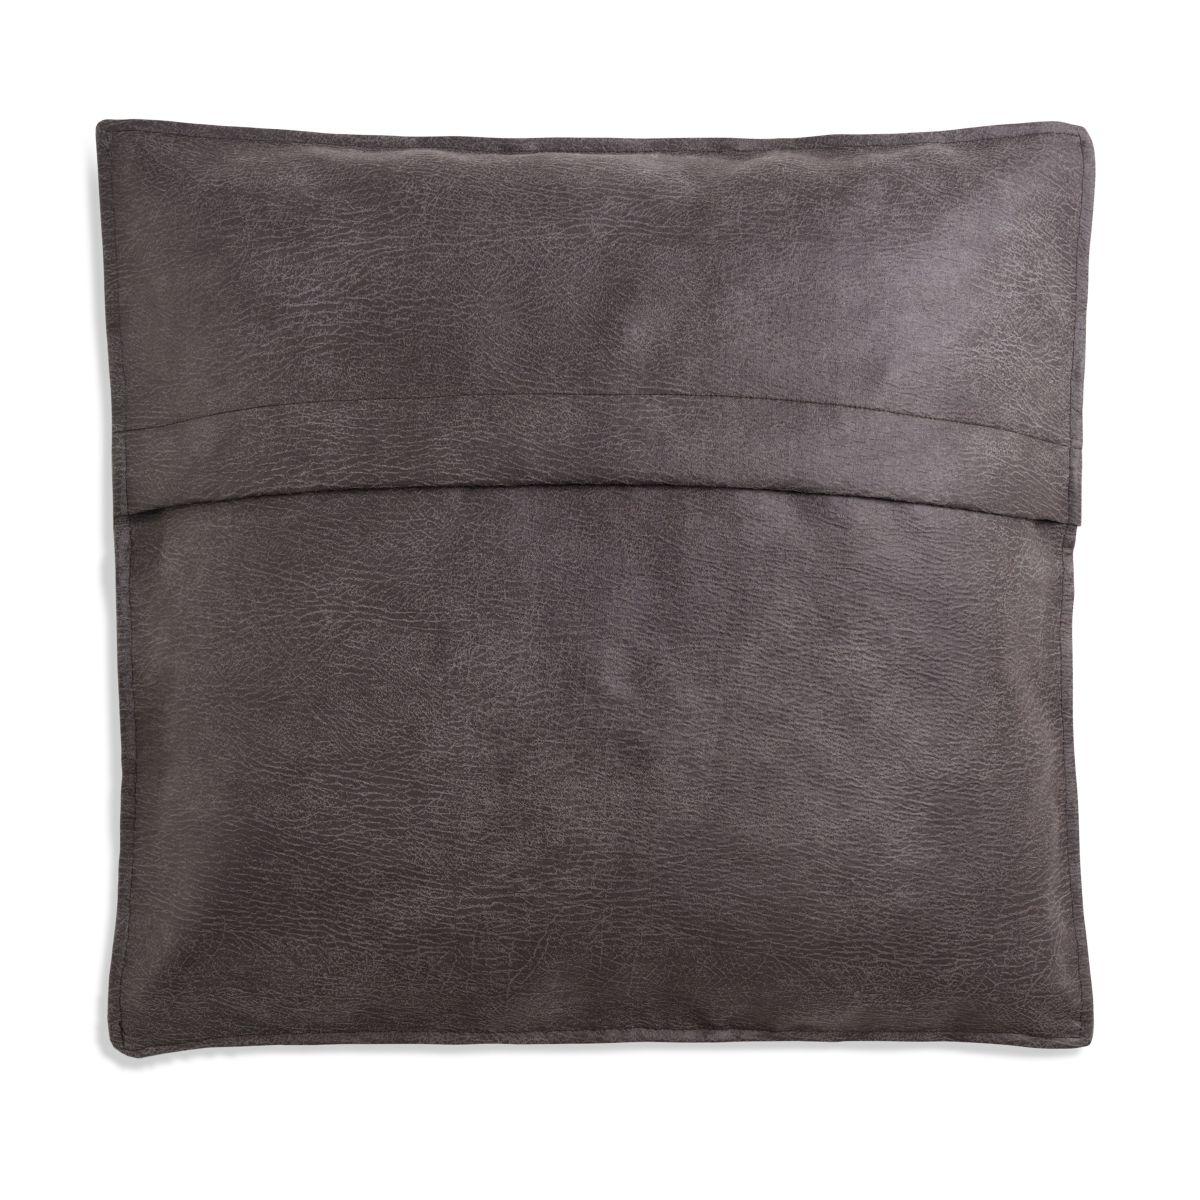 lex cushion anthracite 50x50